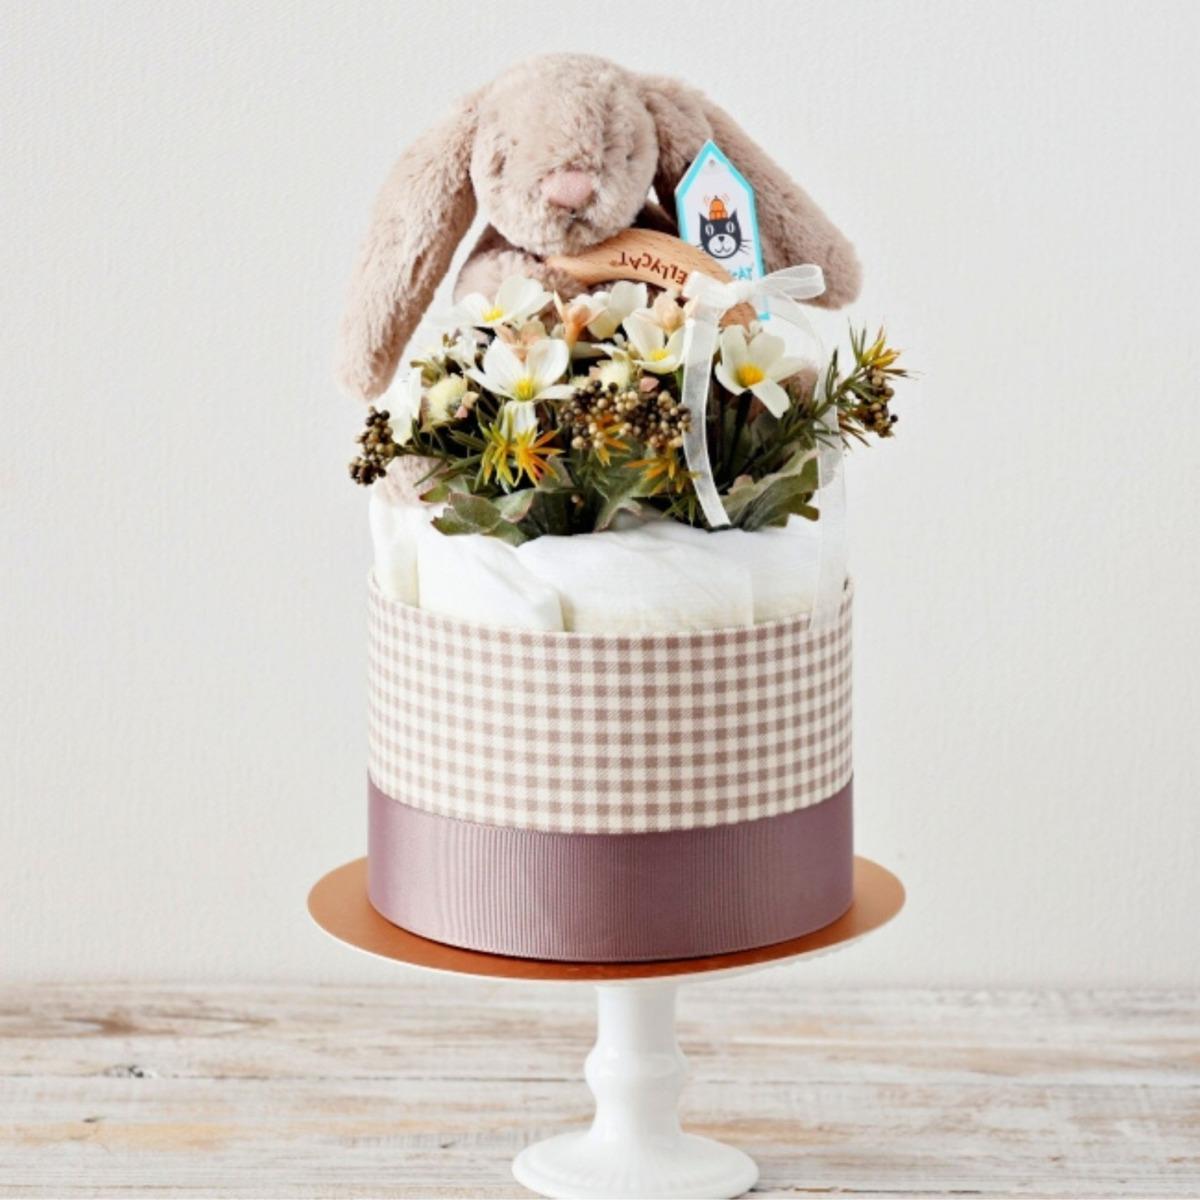 【おむつケーキ】ジェリーキャット うさぎのぬいぐるみ付き ダイパーケーキ Bashful Beige Bunny Wooden Ring Toy